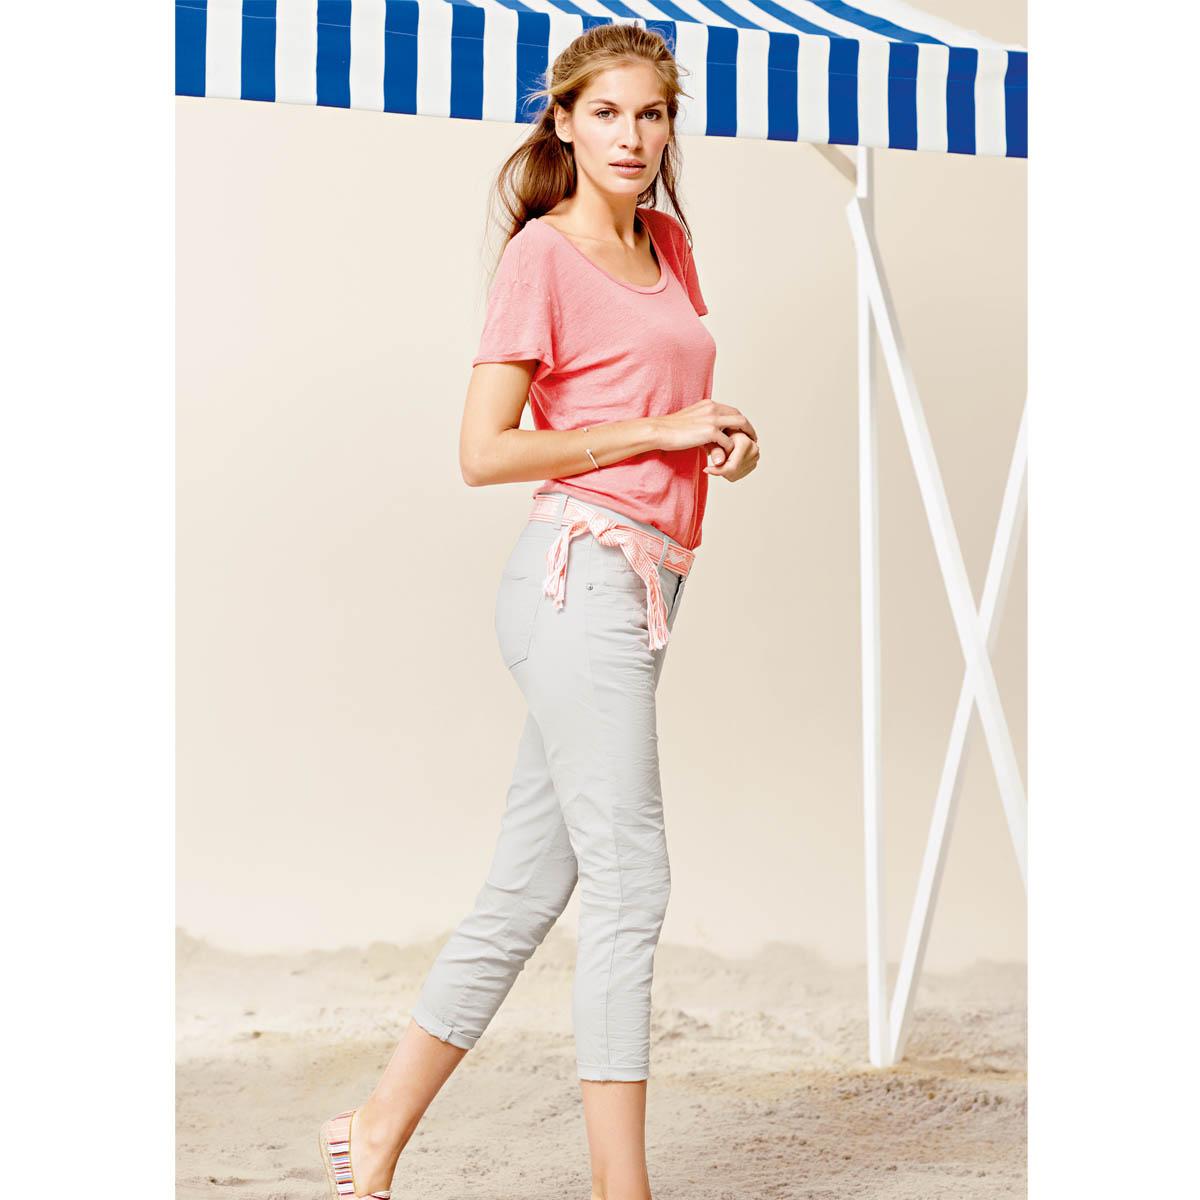 Espadrilles Strandstyle Modetrends